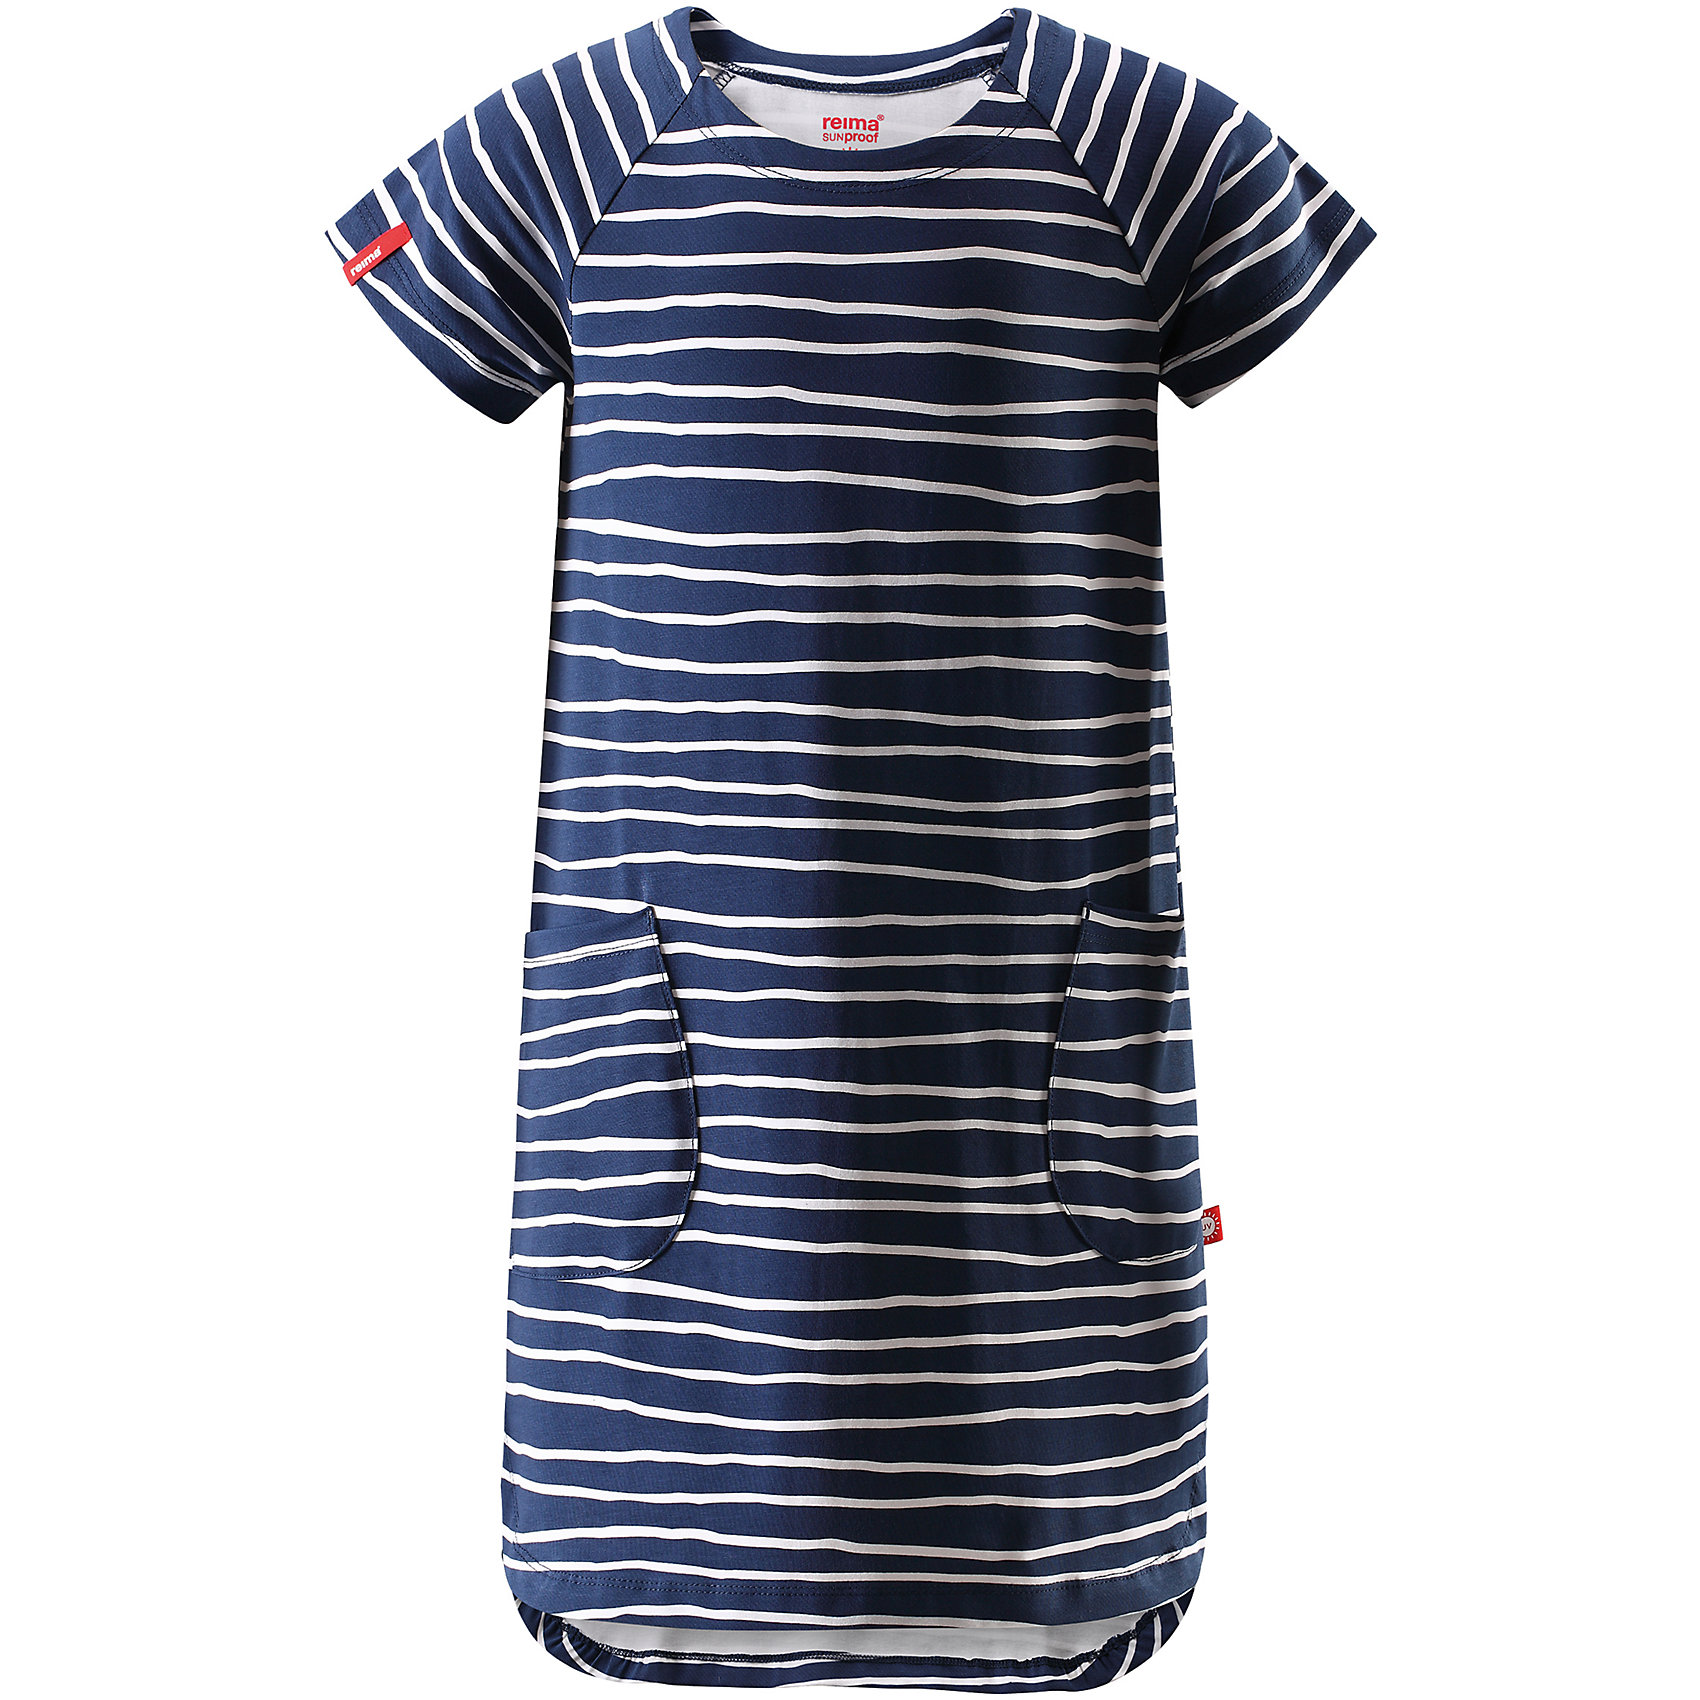 Платье для девочки ReimaОдежда<br>Характеристики товара:<br><br>• цвет: тёмно-синий<br>• состав: 95% хлопок, 5% эластан<br>• удобный эластичный материал<br>• трапециевидный силуэт<br>• два накладных кармана<br>• страна бренда: Финляндия<br>• страна производства: Китай<br><br>Одежда может быть модной и комфортной одновременно! Удобное симпатичное платье поможет обеспечить ребенку комфорт - оно не стесняет движения и удобно сидит. Стильный дизайн разрабатывался специально для детей.<br><br>Уход:<br><br>• стирать и гладить, вывернув наизнанку<br>• стирать с бельем одинакового цвета<br>• стирать моющим средством, не содержащим отбеливающие вещества<br>• полоскать без специального средства<br>• придать первоначальную форму вo влажном виде.<br><br>Платье для девочки от финского бренда Reima (Рейма) можно купить в нашем интернет-магазине.<br><br>Ширина мм: 236<br>Глубина мм: 16<br>Высота мм: 184<br>Вес г: 177<br>Цвет: синий<br>Возраст от месяцев: 108<br>Возраст до месяцев: 120<br>Пол: Женский<br>Возраст: Детский<br>Размер: 140,122,116,110,128,104,134<br>SKU: 5268166